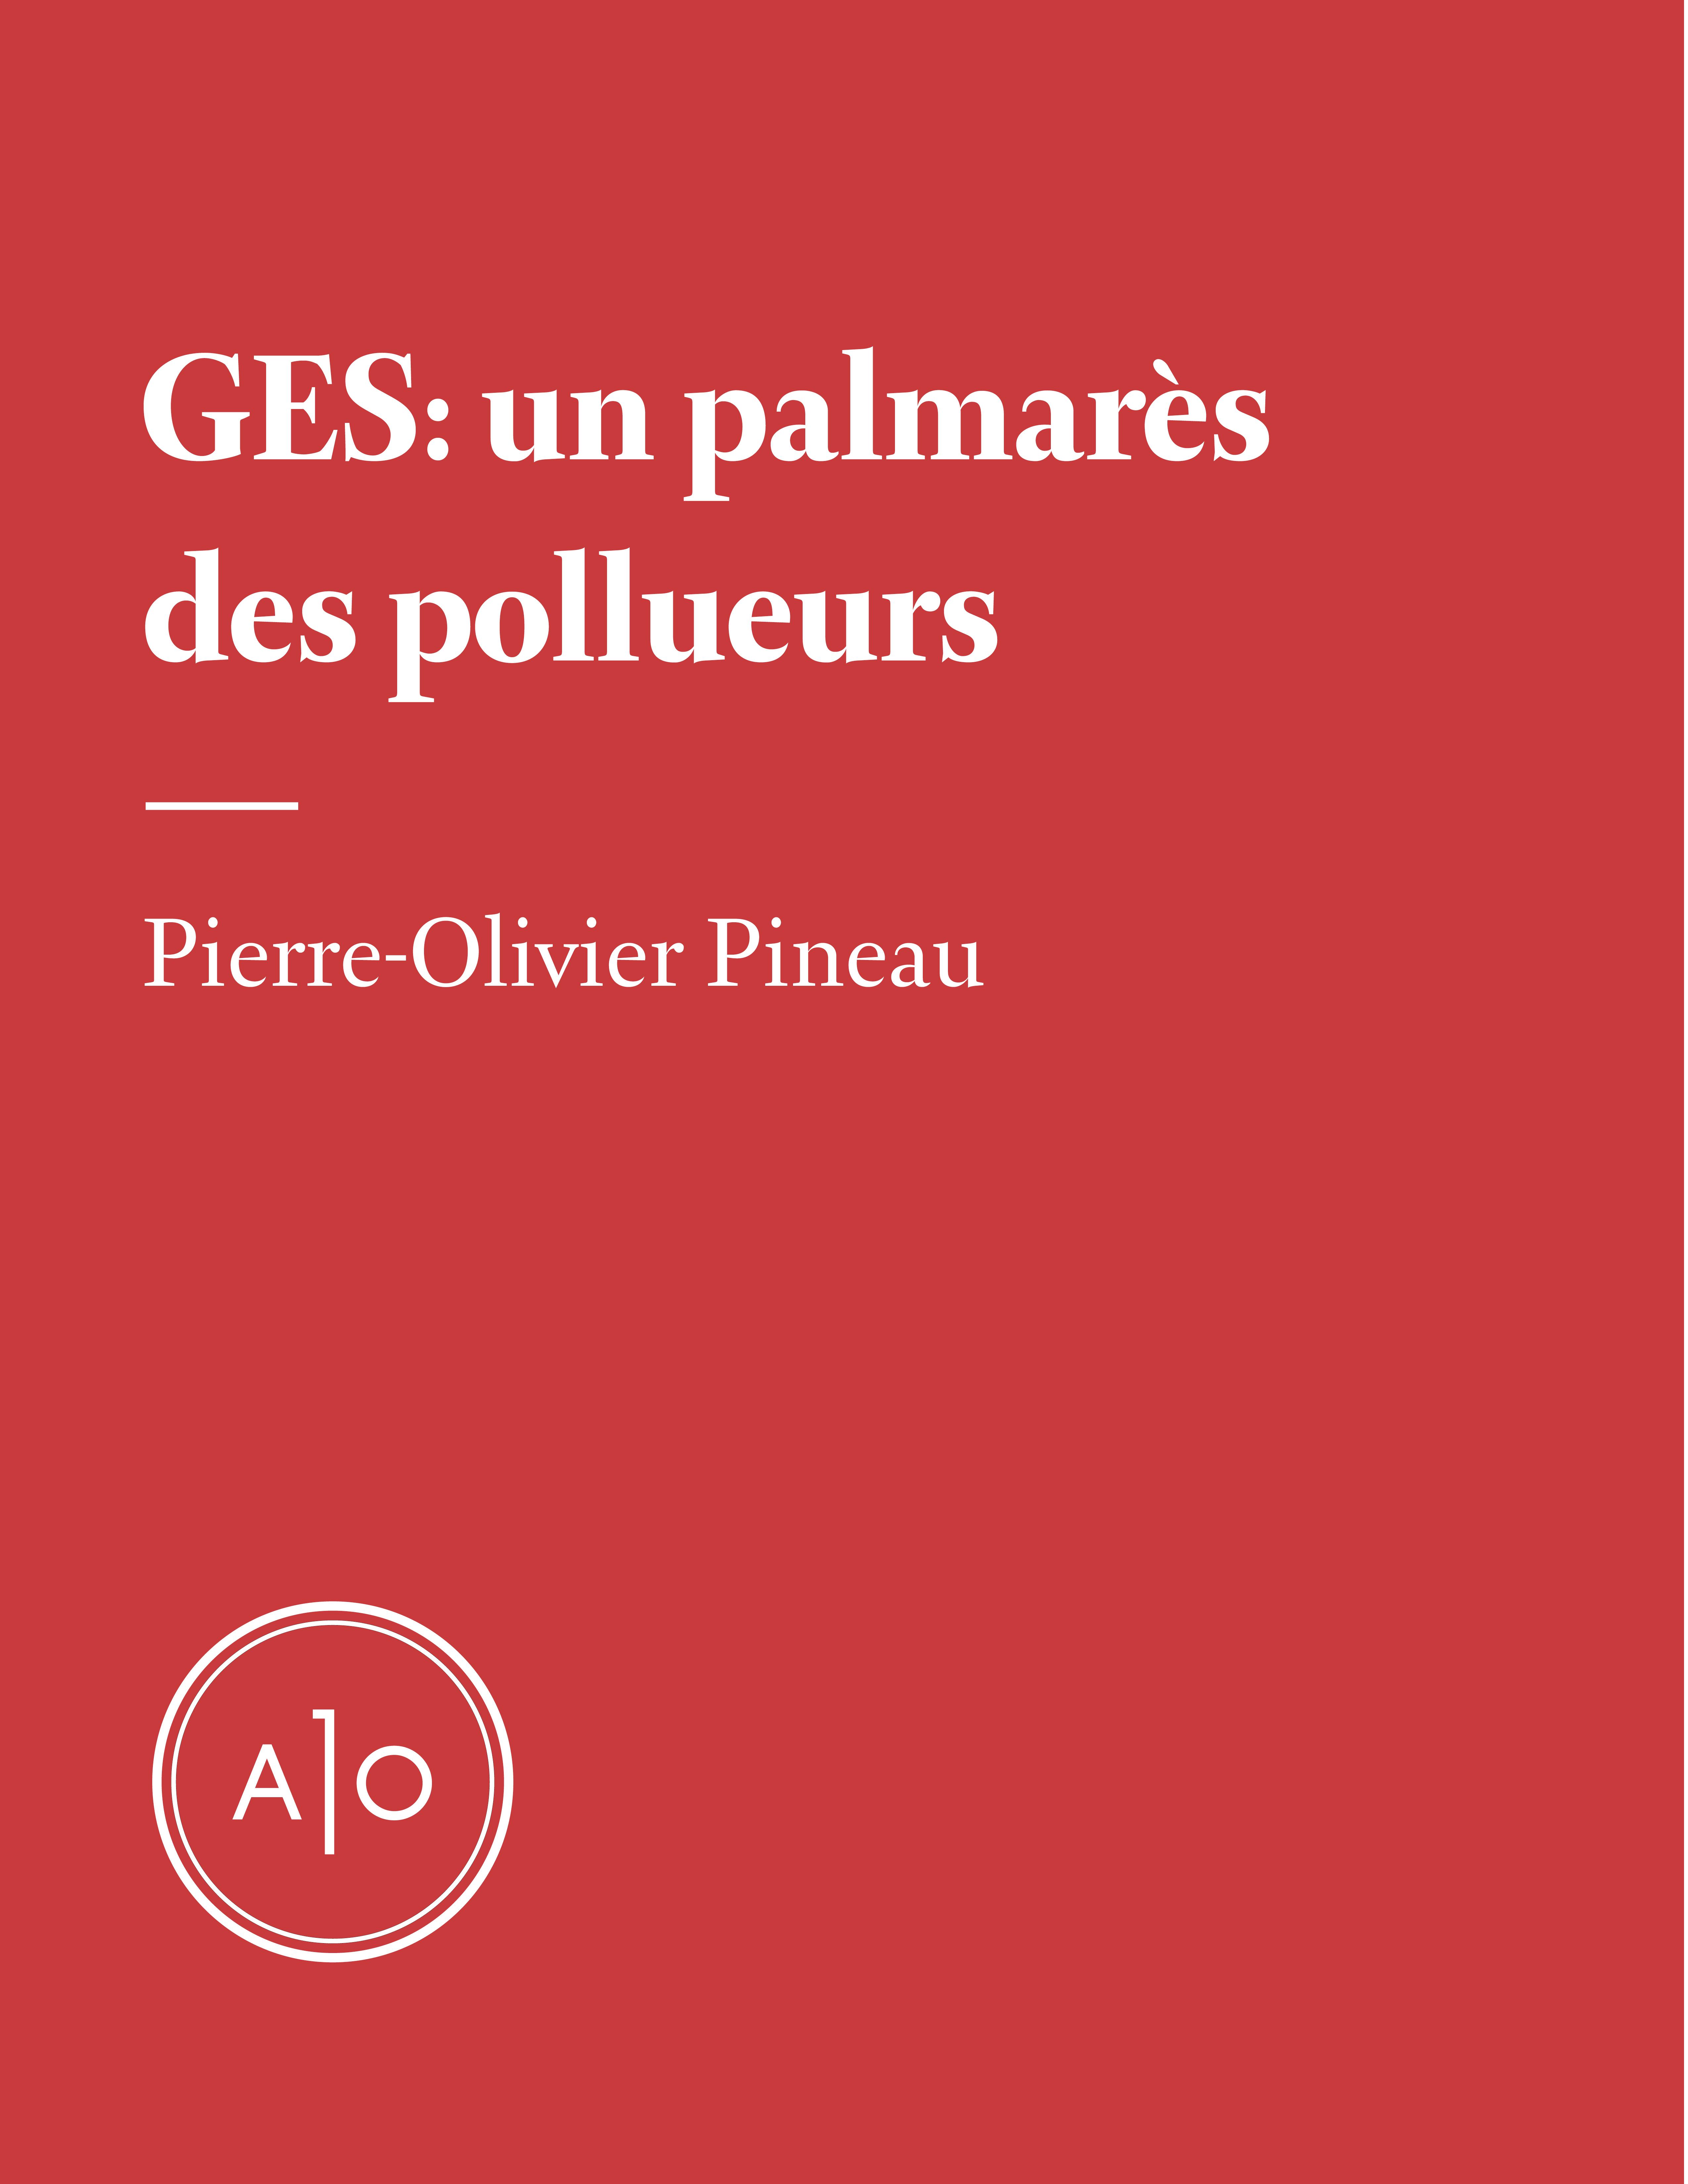 GES: Un palmarès des pollueurs